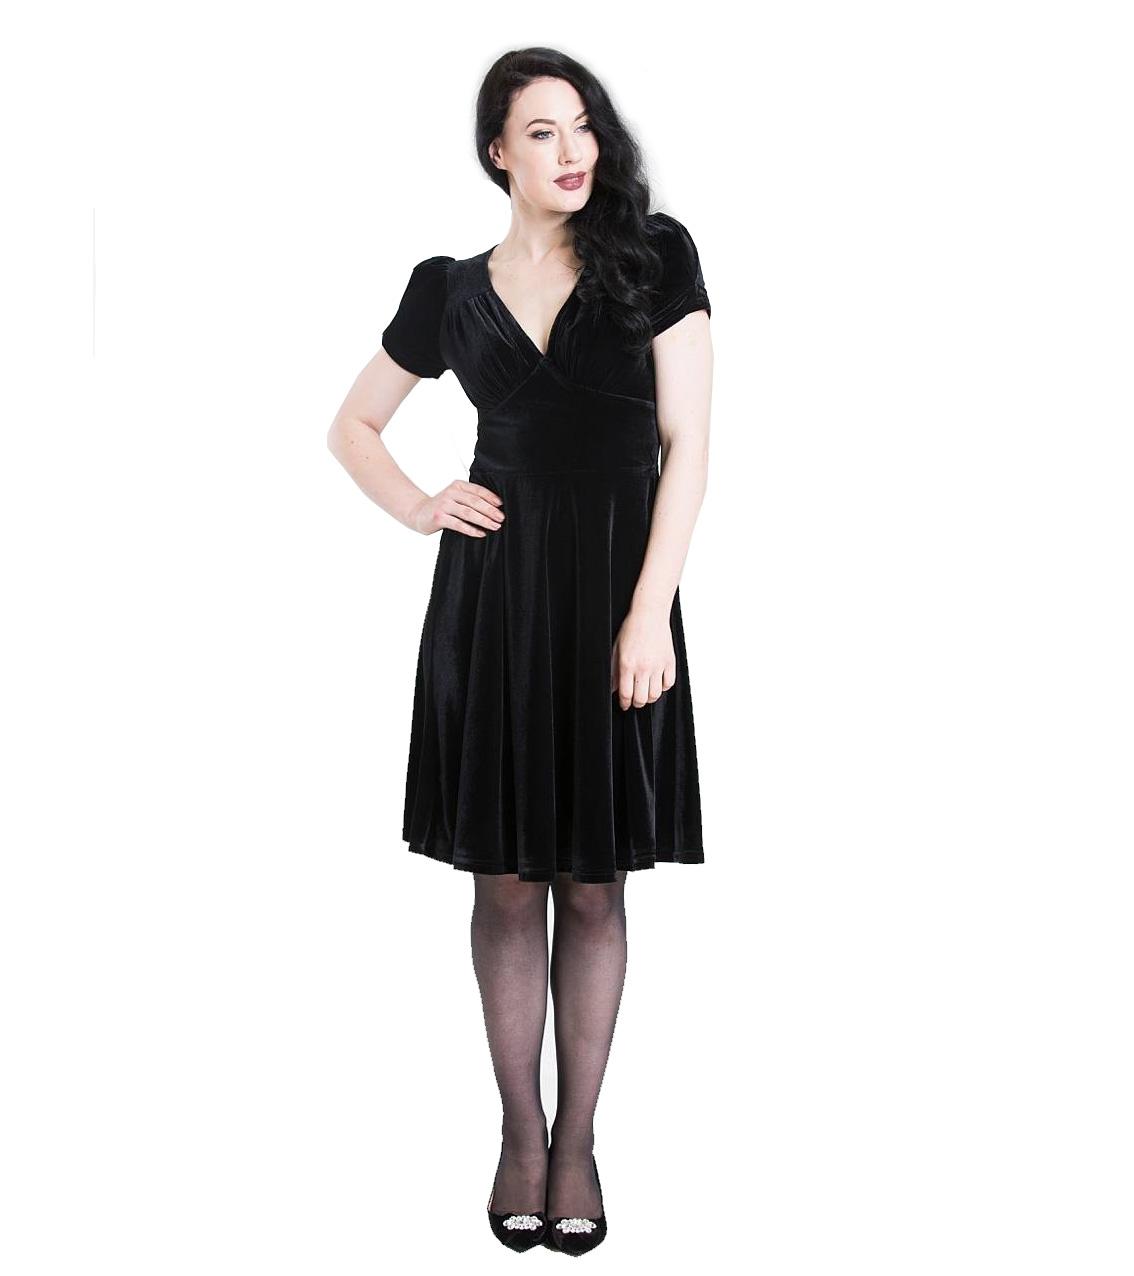 Hell-Bunny-40s-50s-Elegant-Pin-Up-Dress-JOANNE-Crushed-Velvet-Black-All-Sizes thumbnail 27